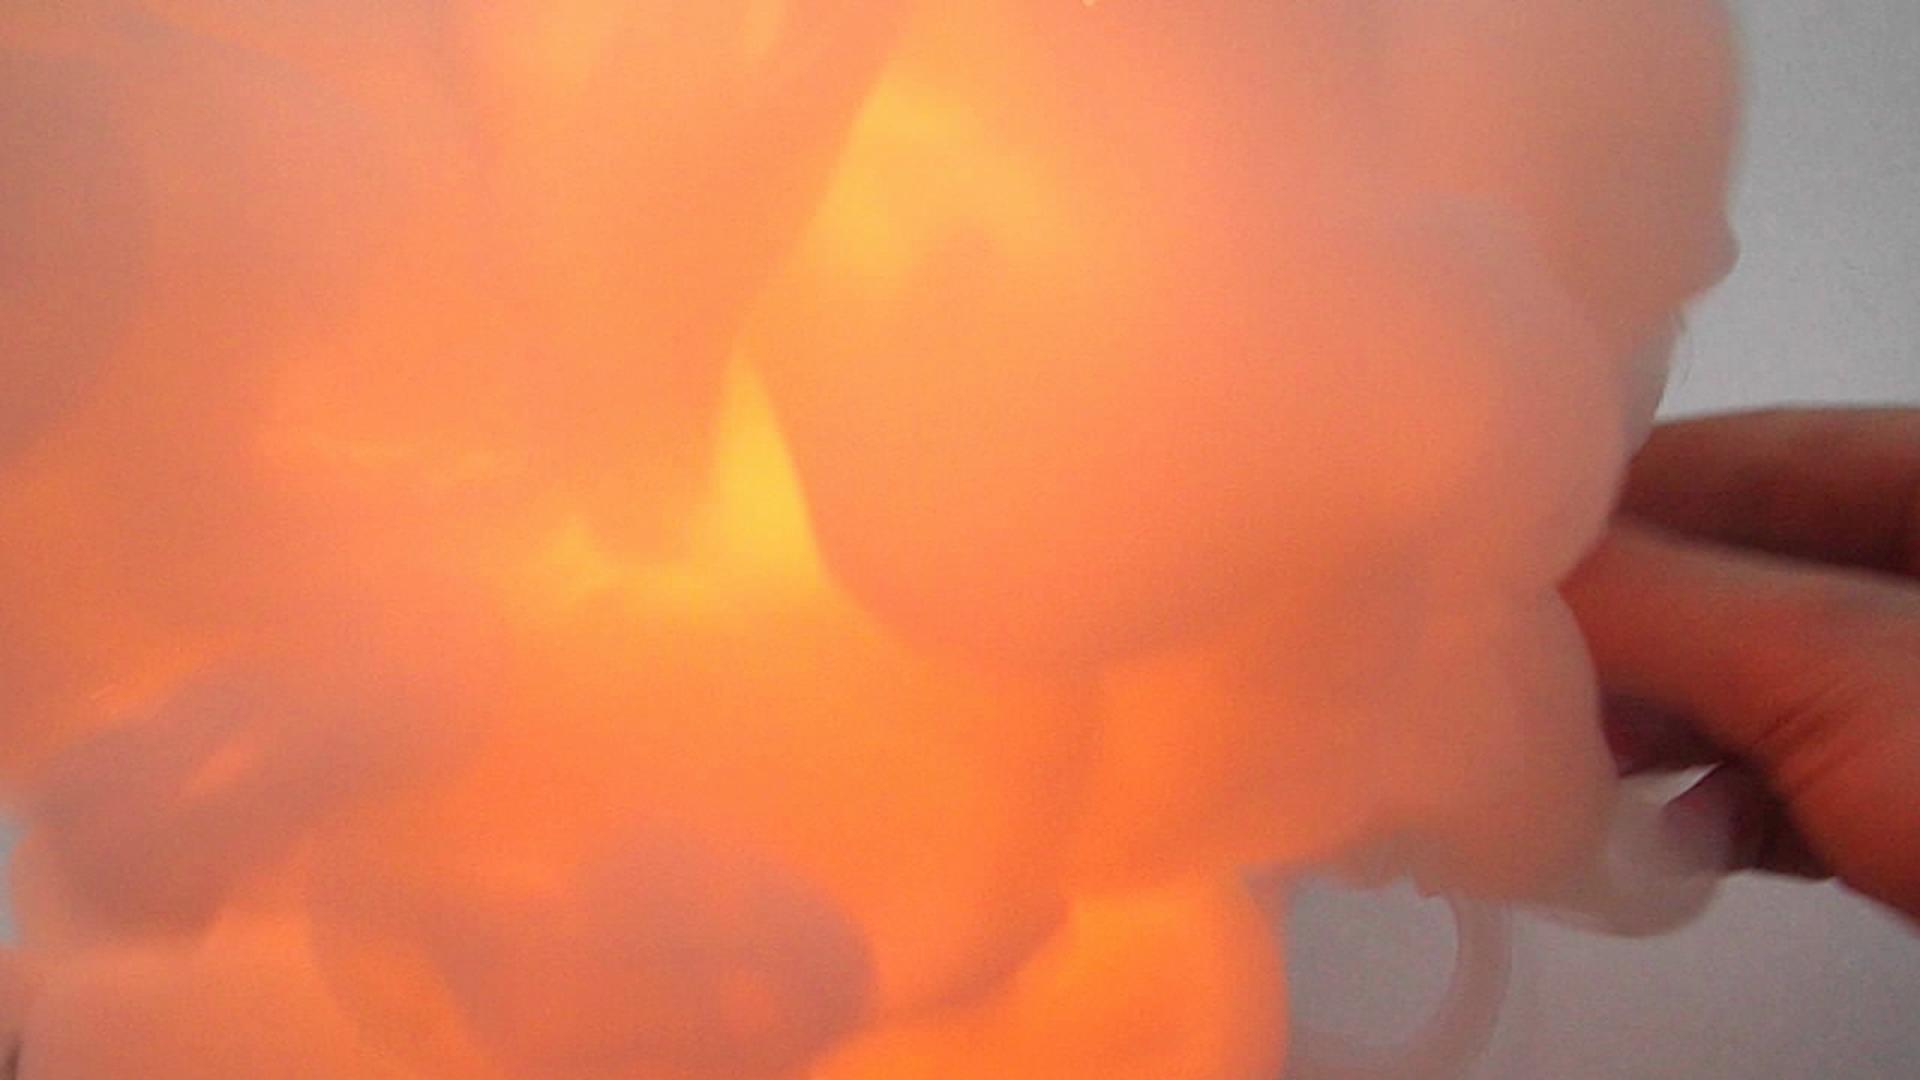 Огонь на ладони (хлорат калия - желтая кровяная соль)